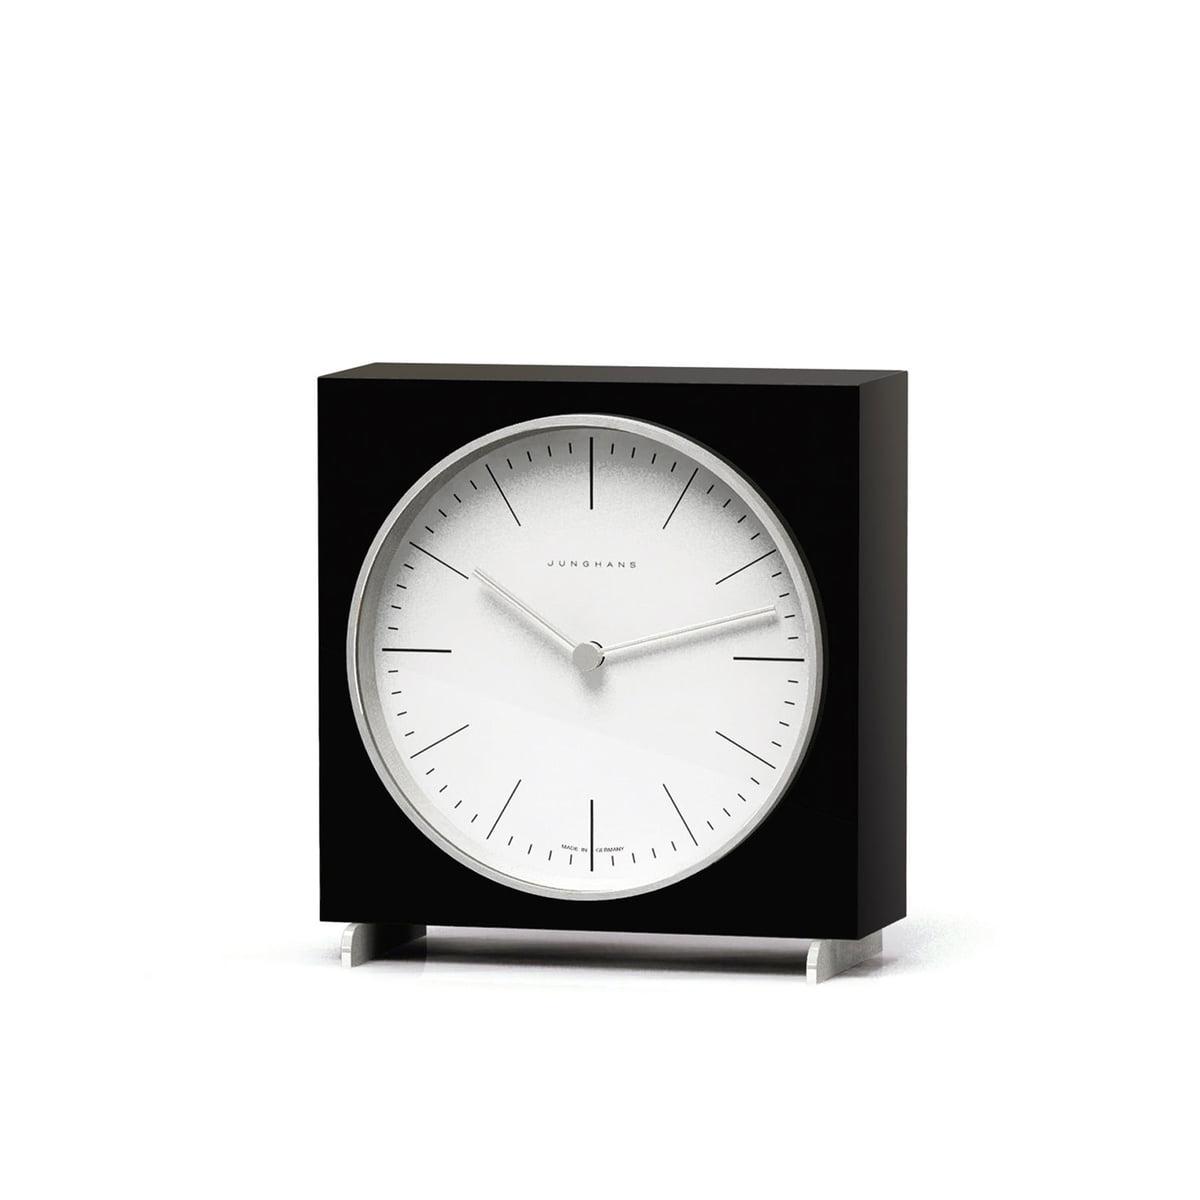 Tischuhr Design max bill quarz tischuhren junghans